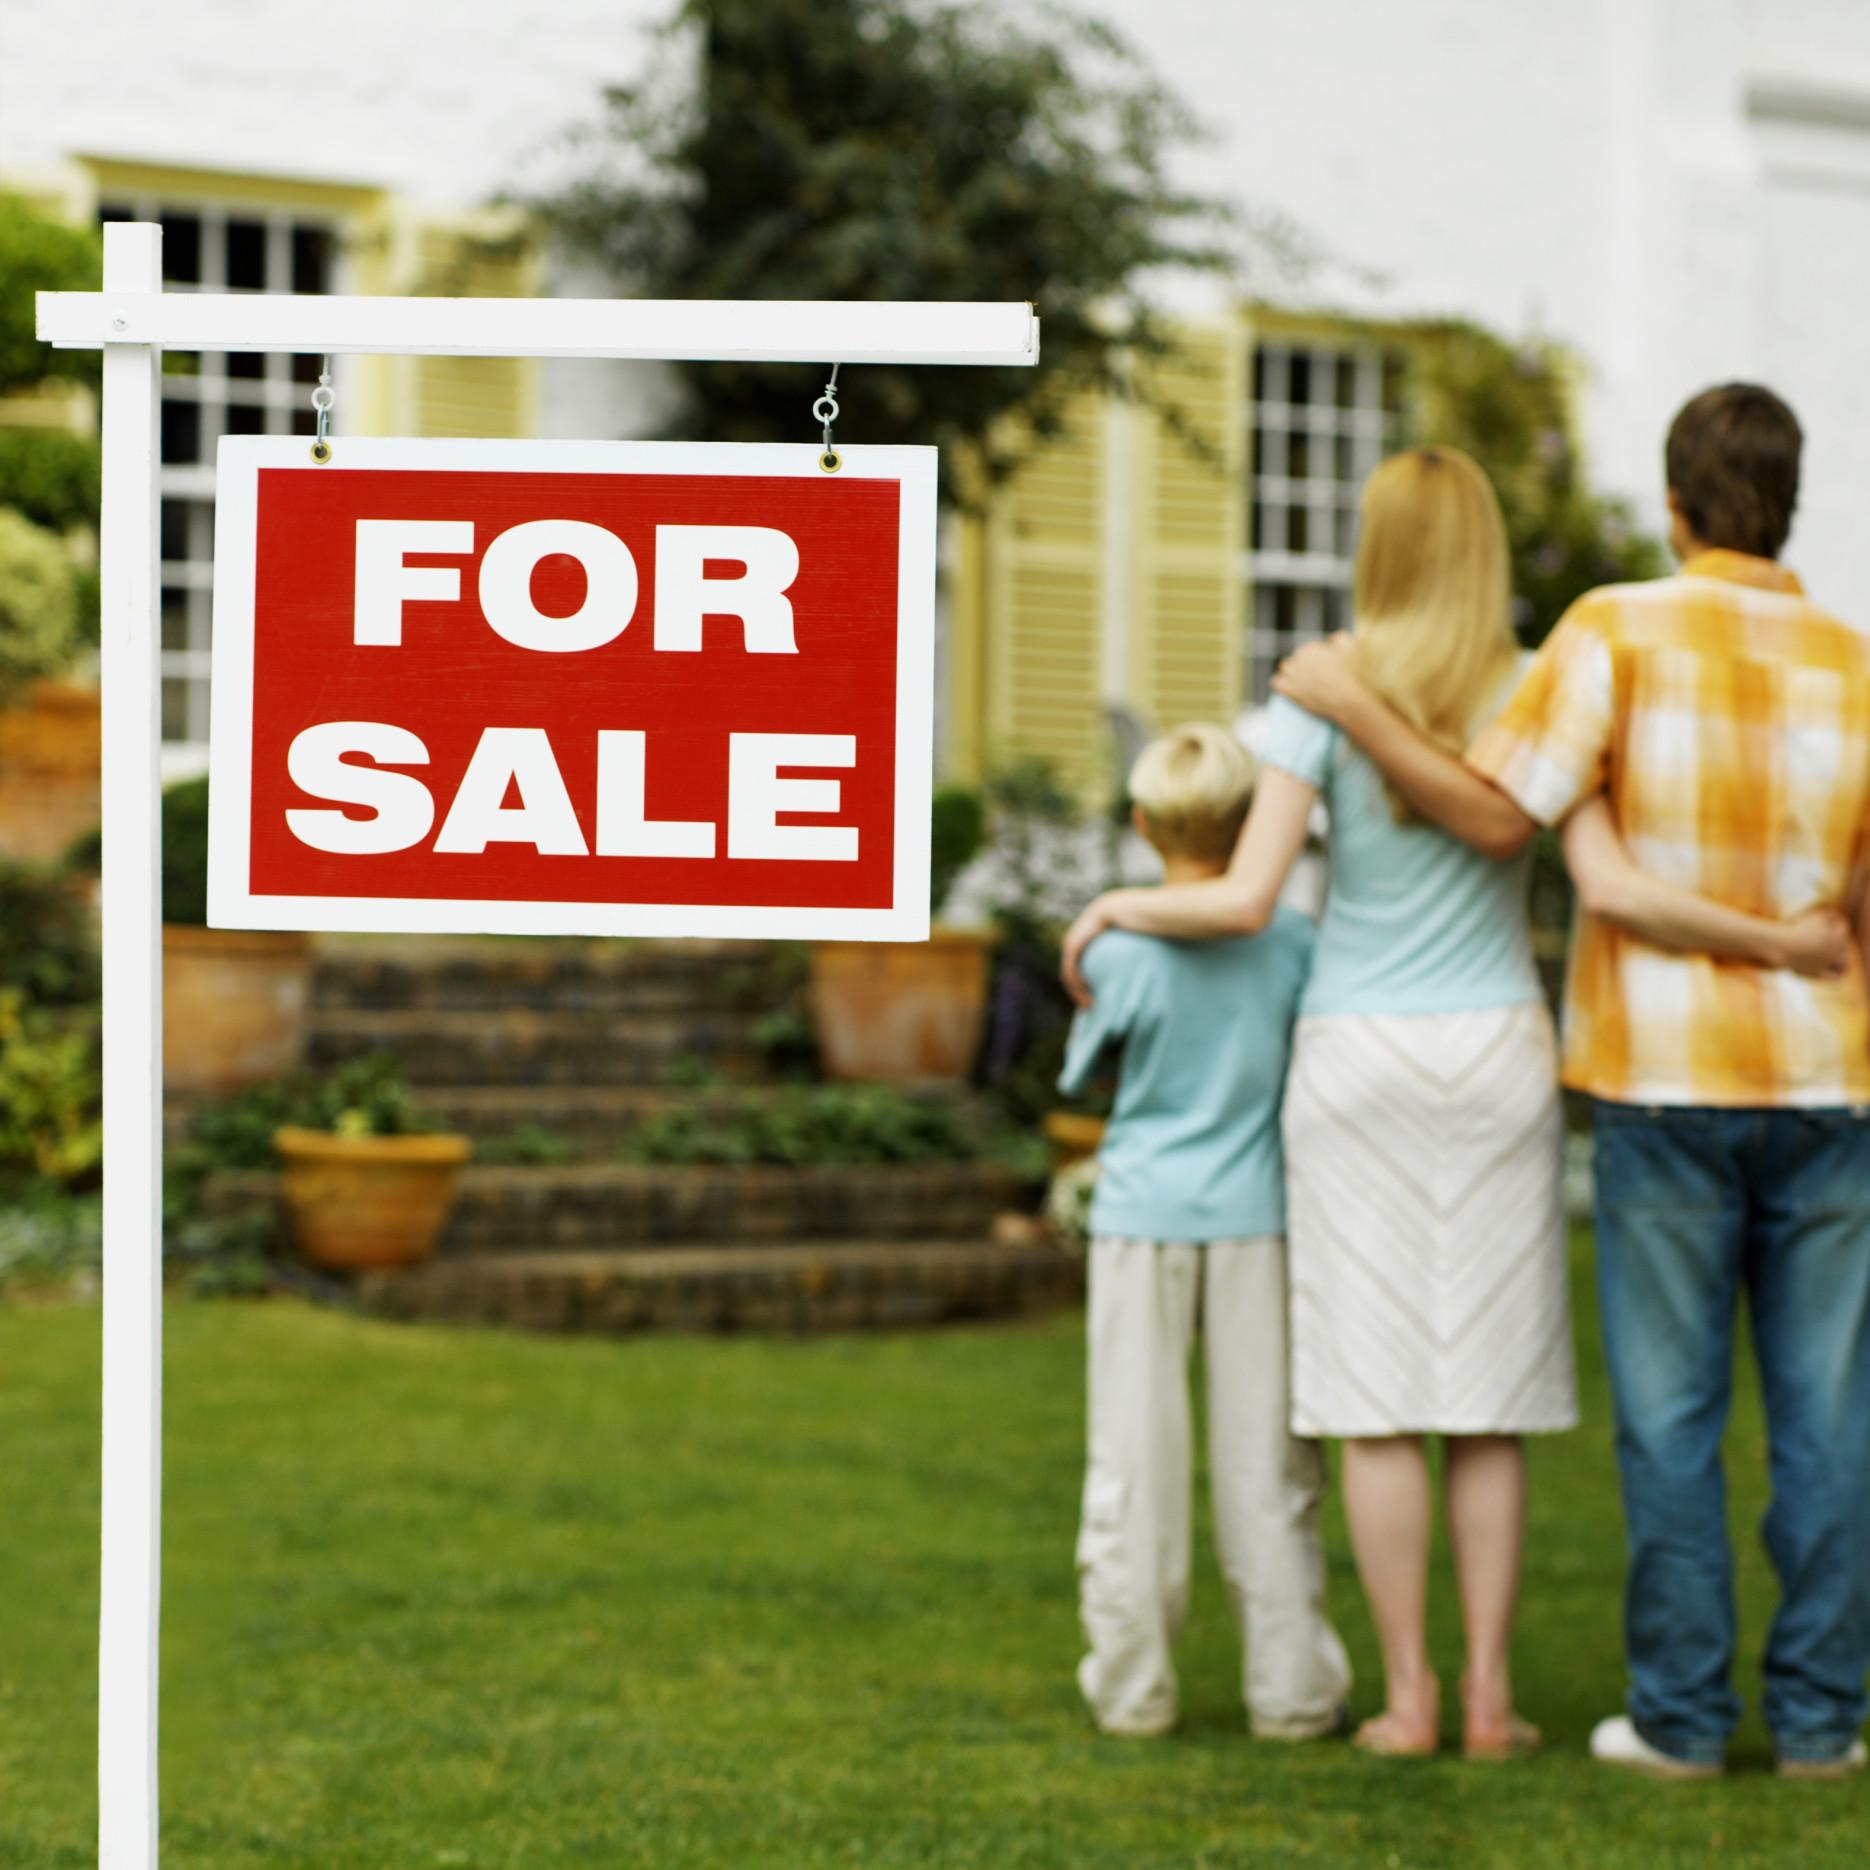 Загородная недвижимость ло, загородная недвижимость